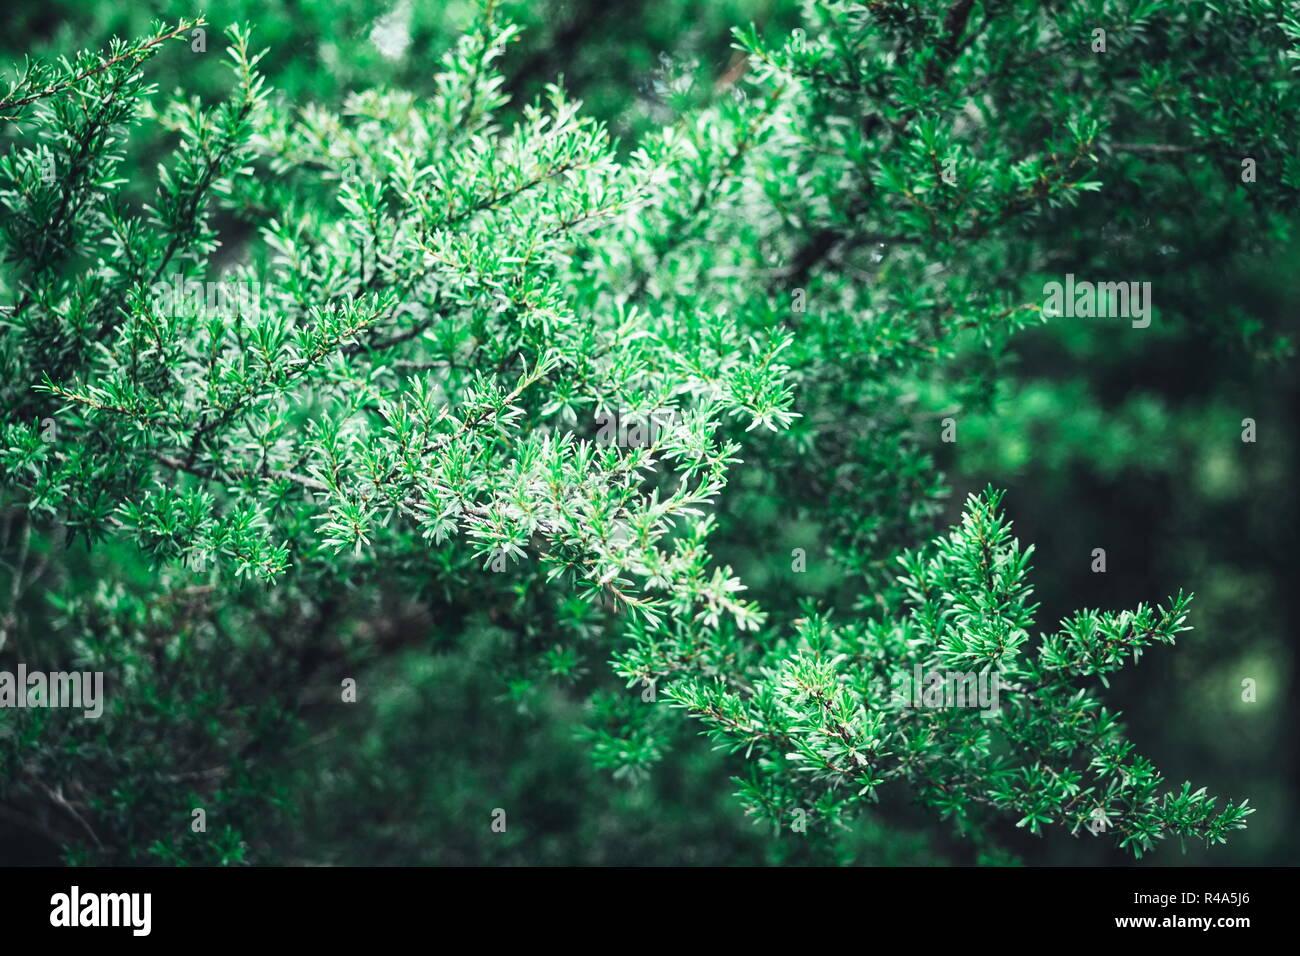 Schließen Sie herauf Bild eines Manuka Baum, der auch als Neuseeland Tea Tree Leptospermum scoparium bekannt. Stockbild